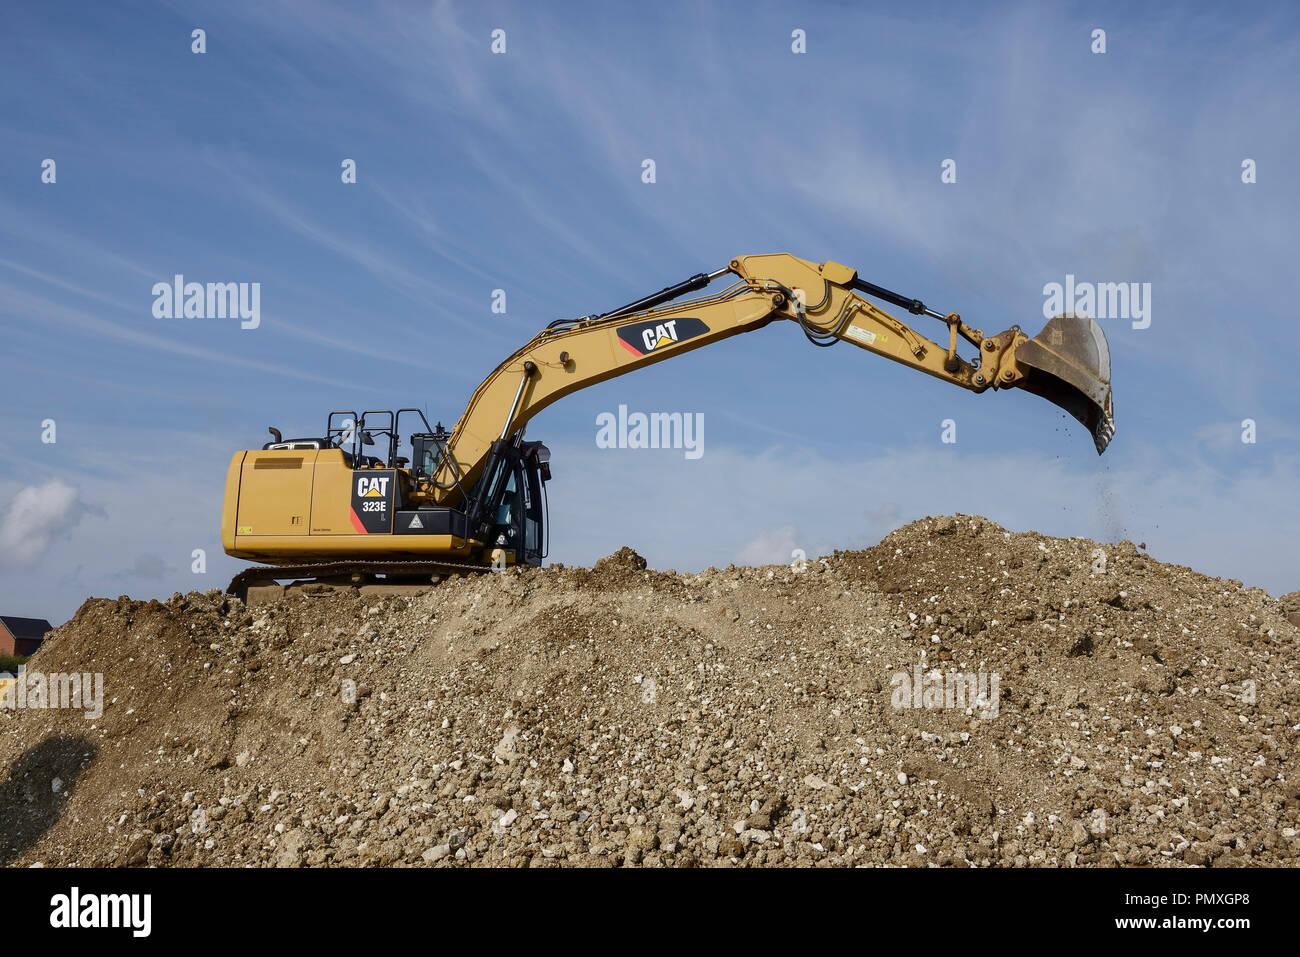 Caterpillar Hydraulic Excavator Stock Photos & Caterpillar